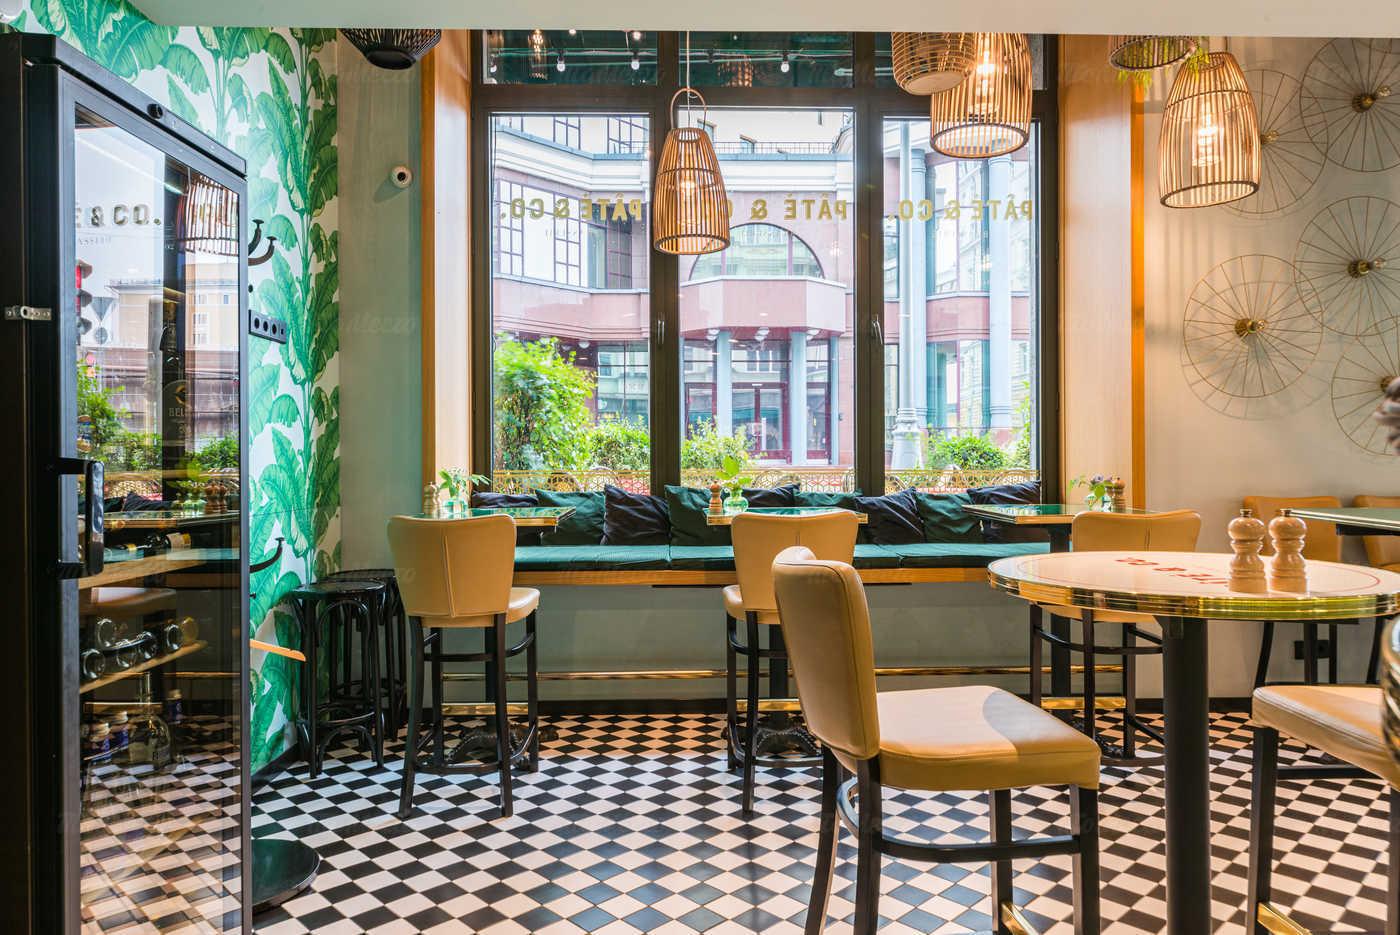 Ресторан Pate & Co на улице Балчуг фото 16